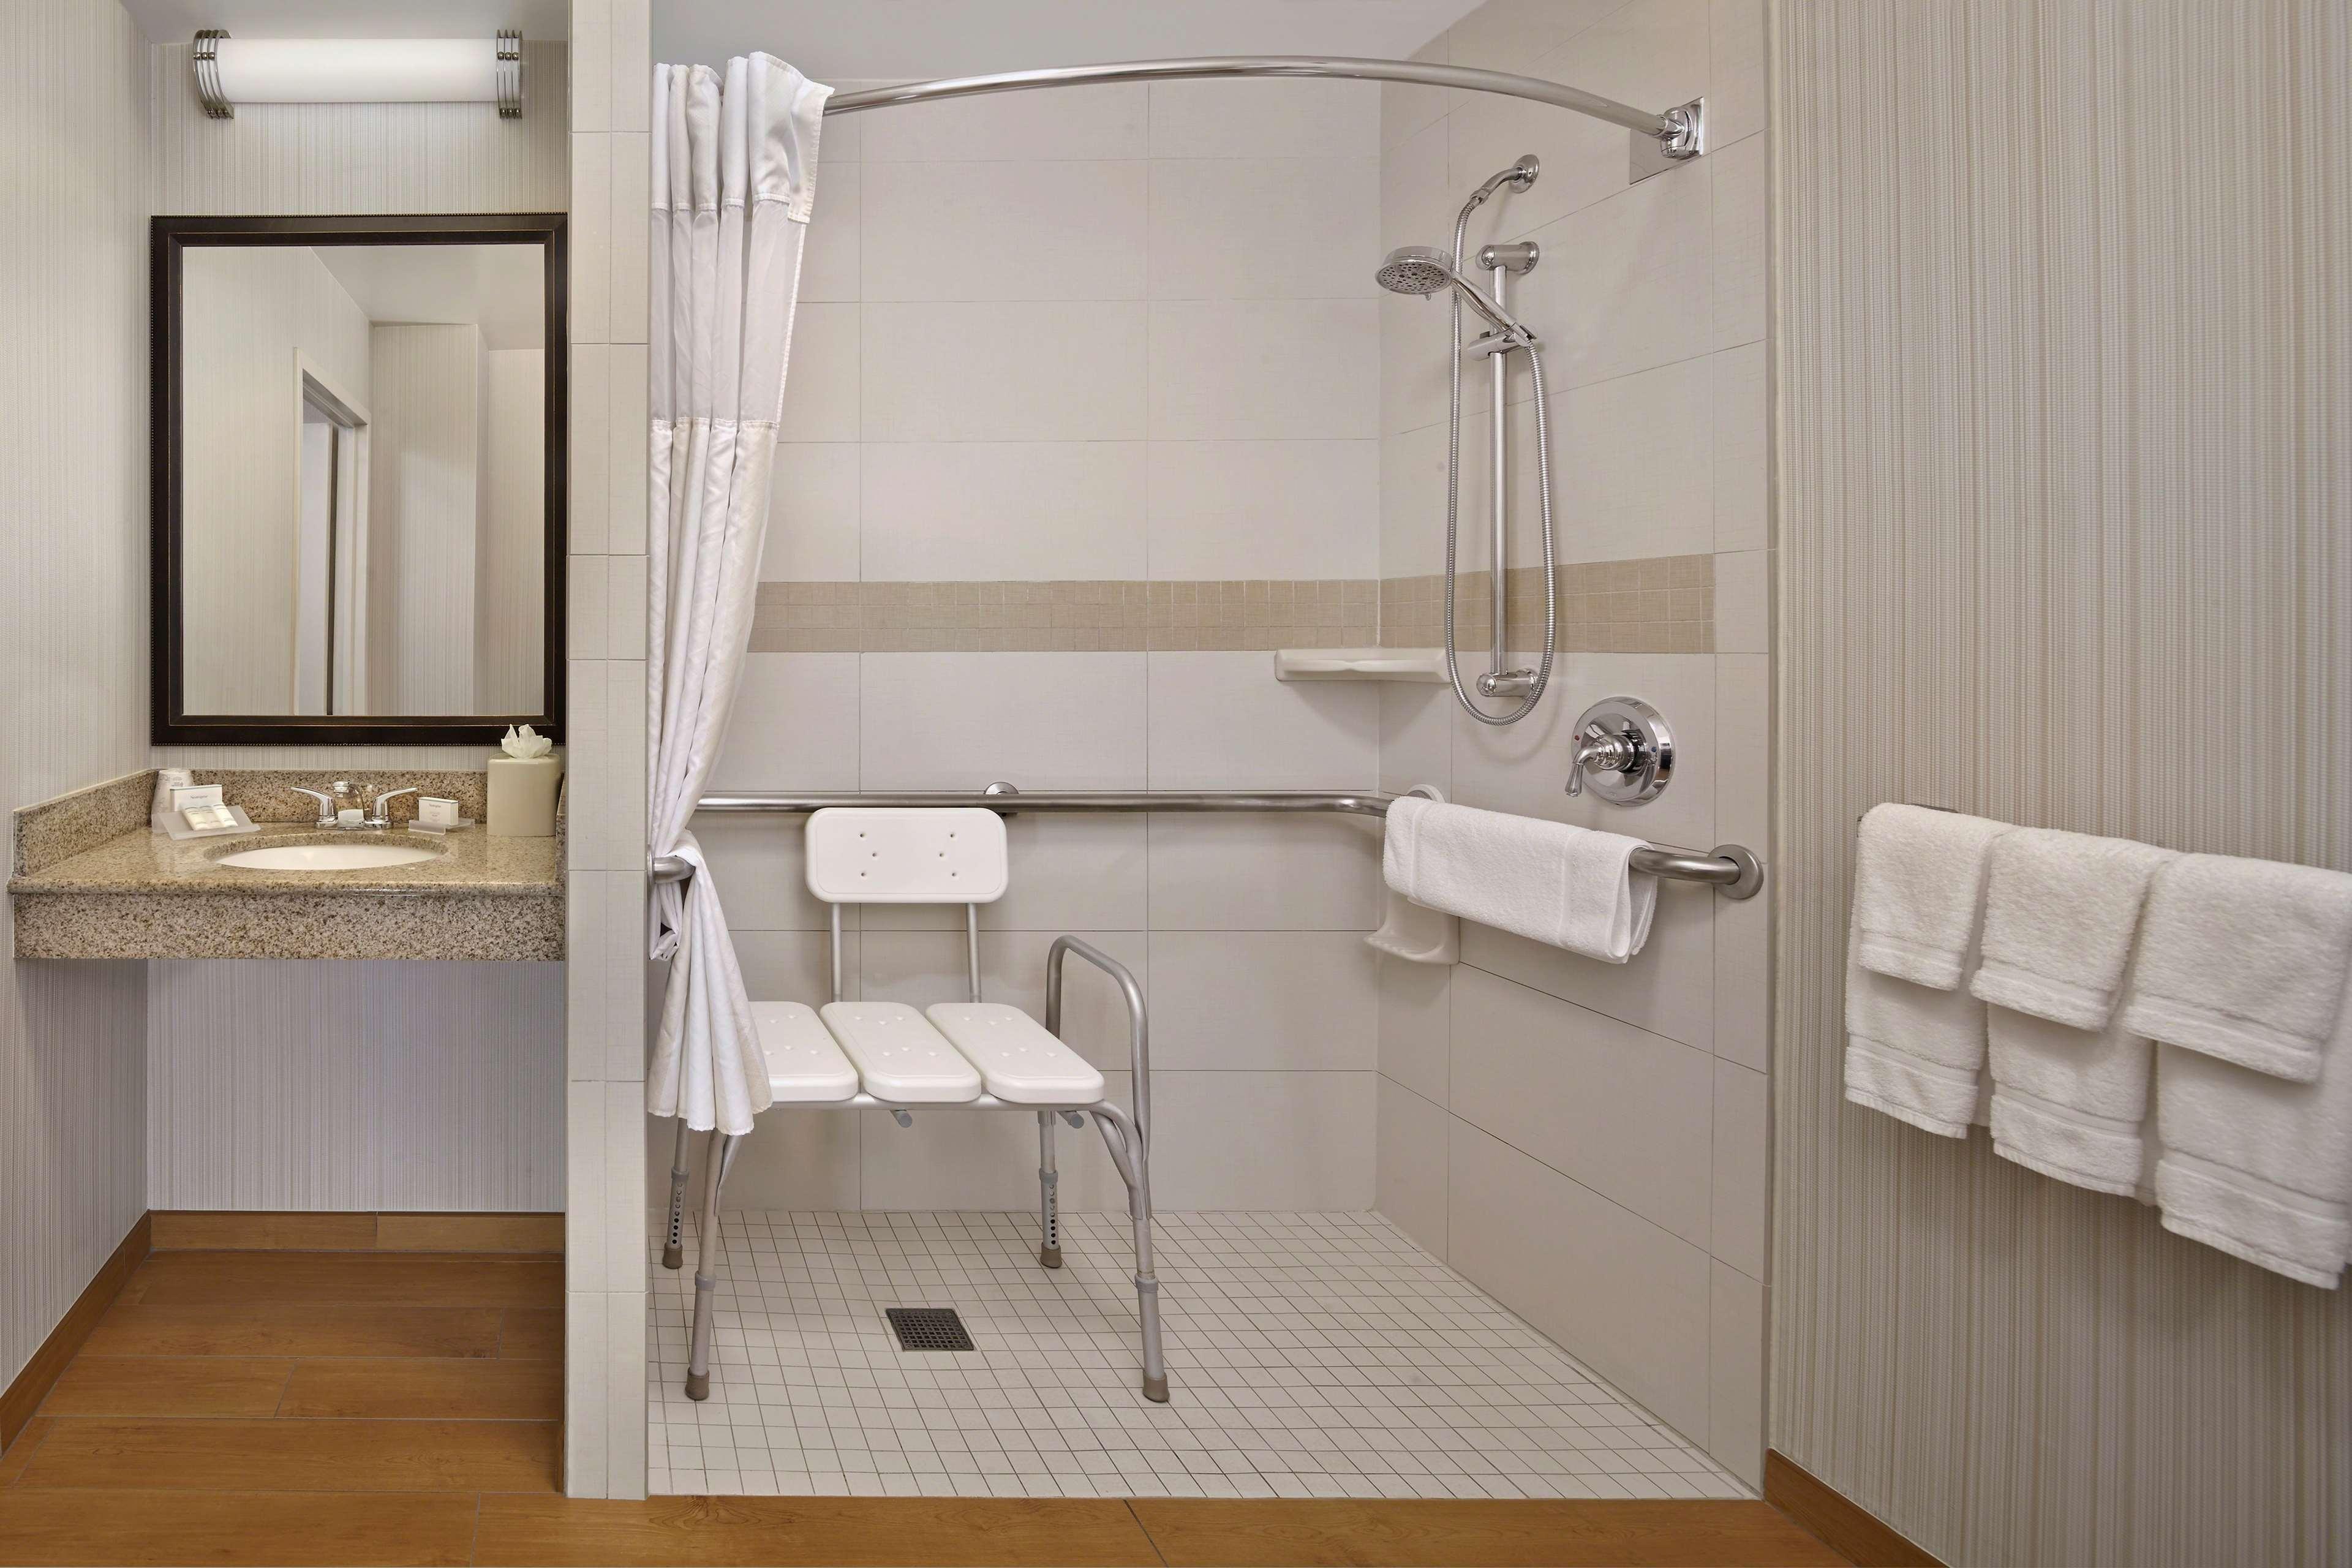 Hilton Garden Inn Danbury image 20